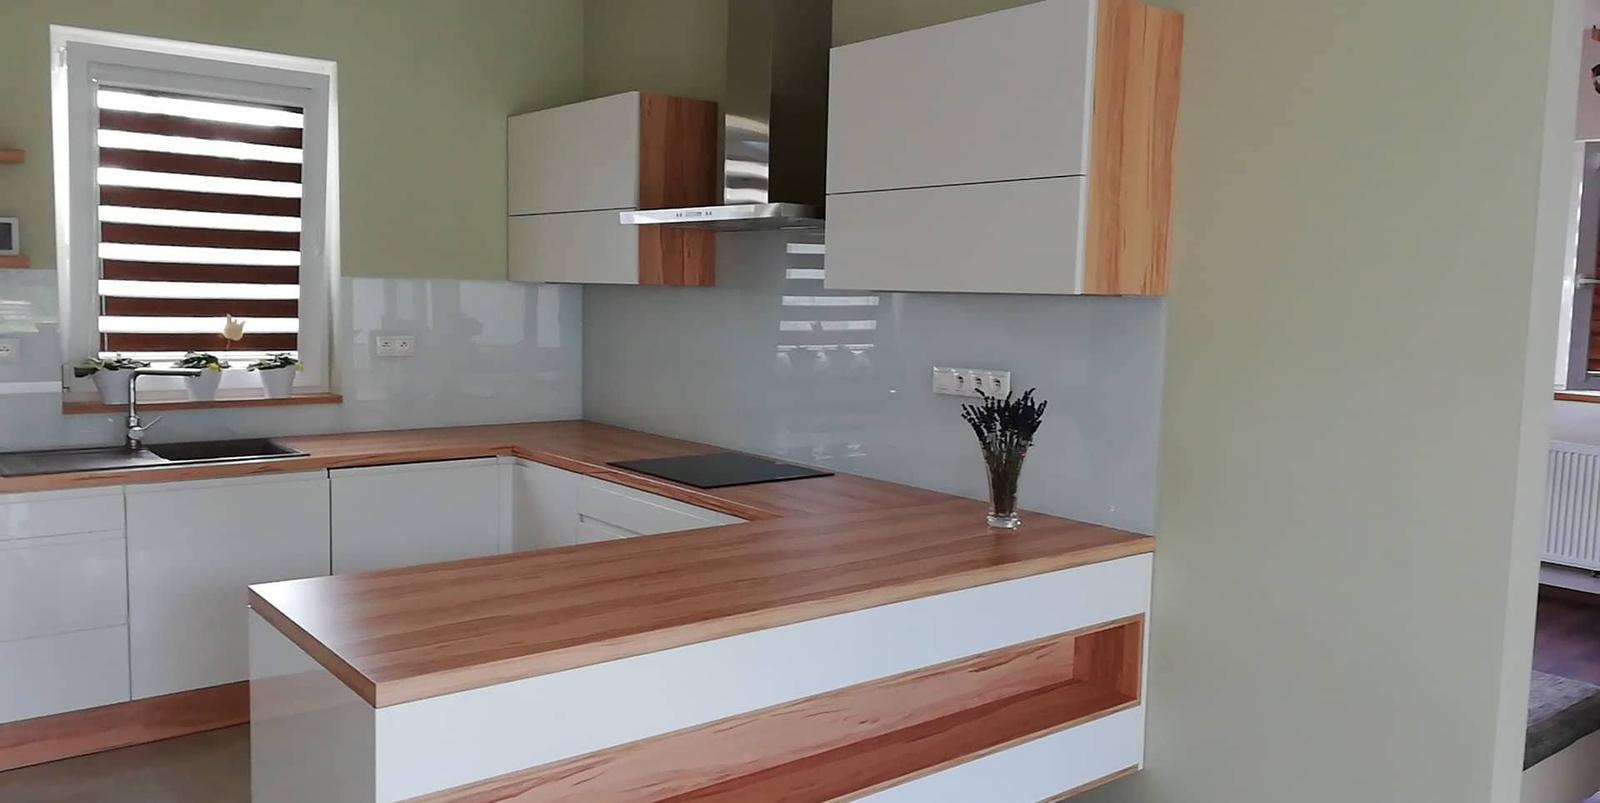 Kuchynské zásteny - Obrázok č. 1